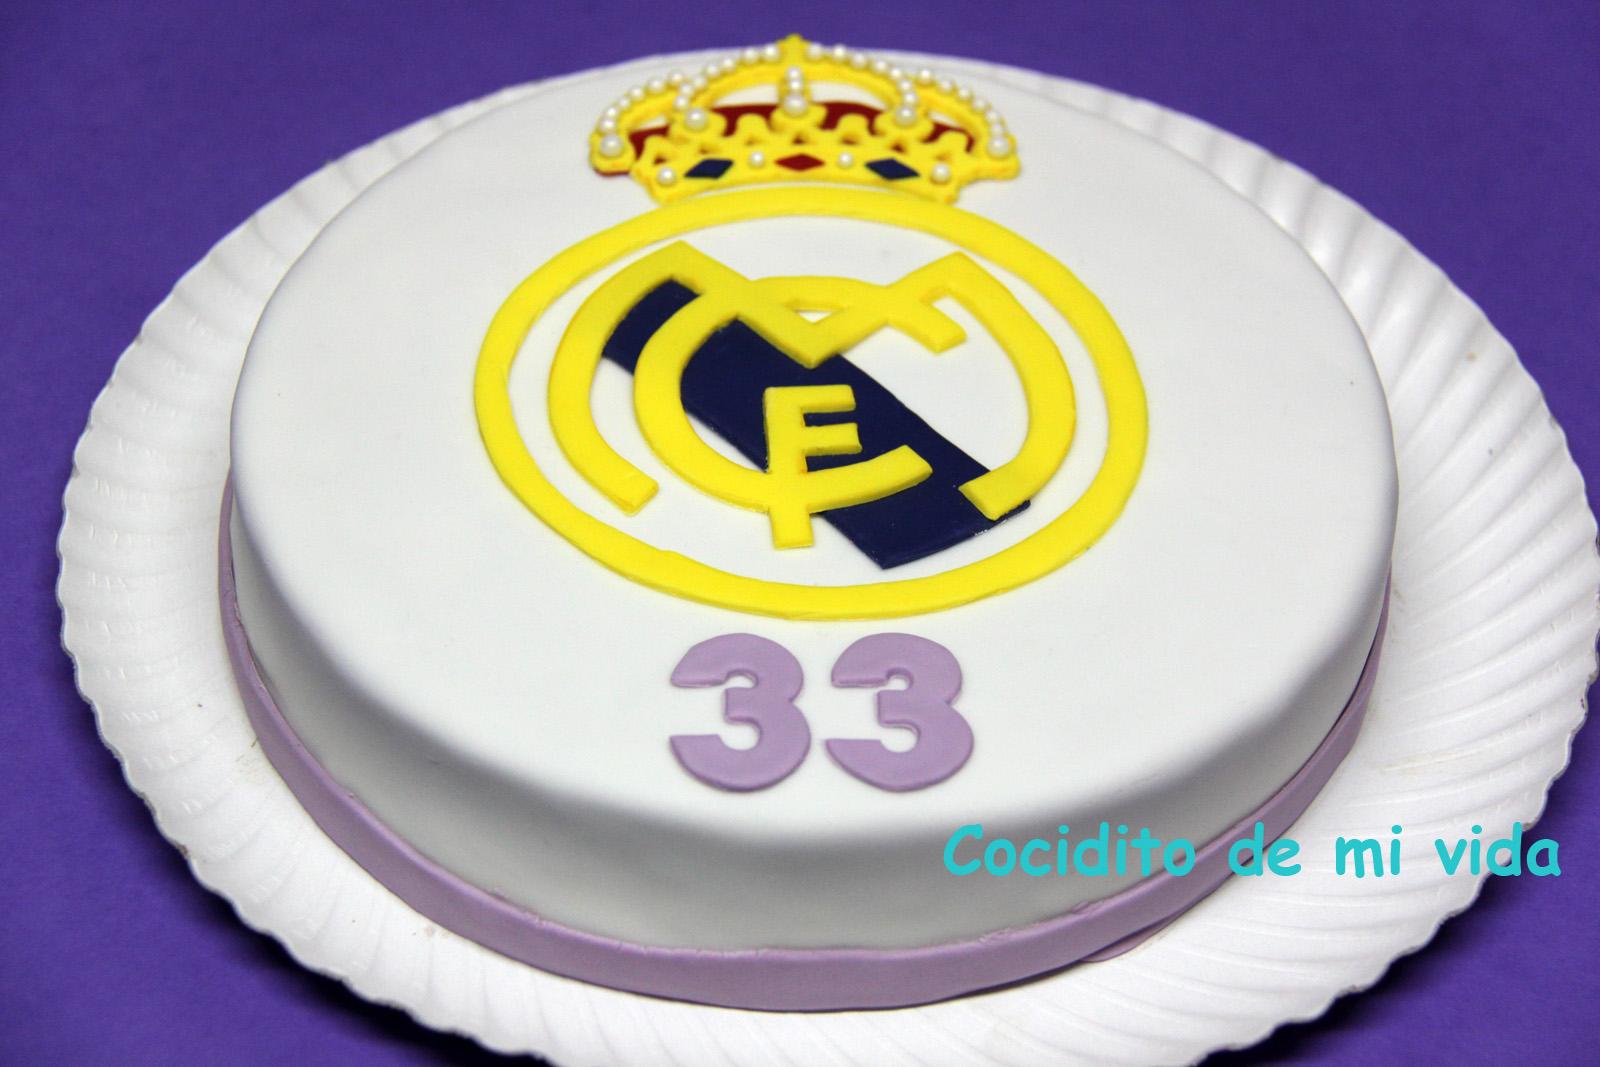 Cocidito De Mi Vida Tarta De Cumpleaños Del Real Madrid